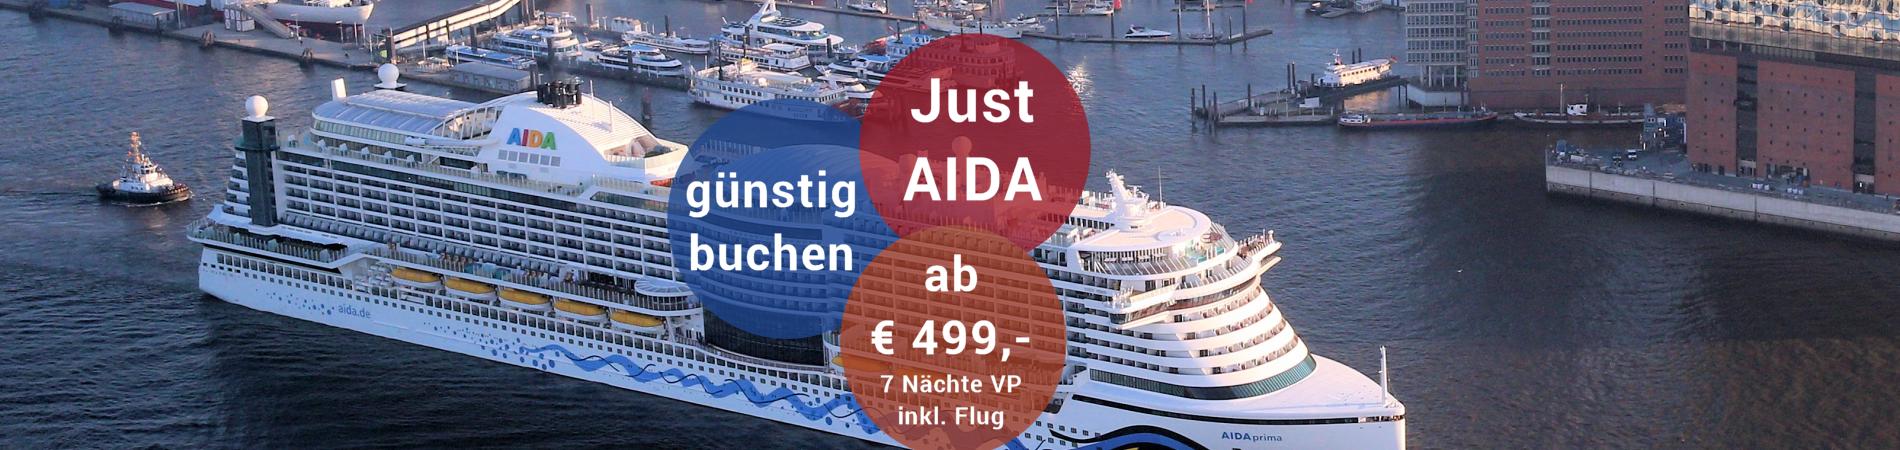 Fotos: Aida Cruises